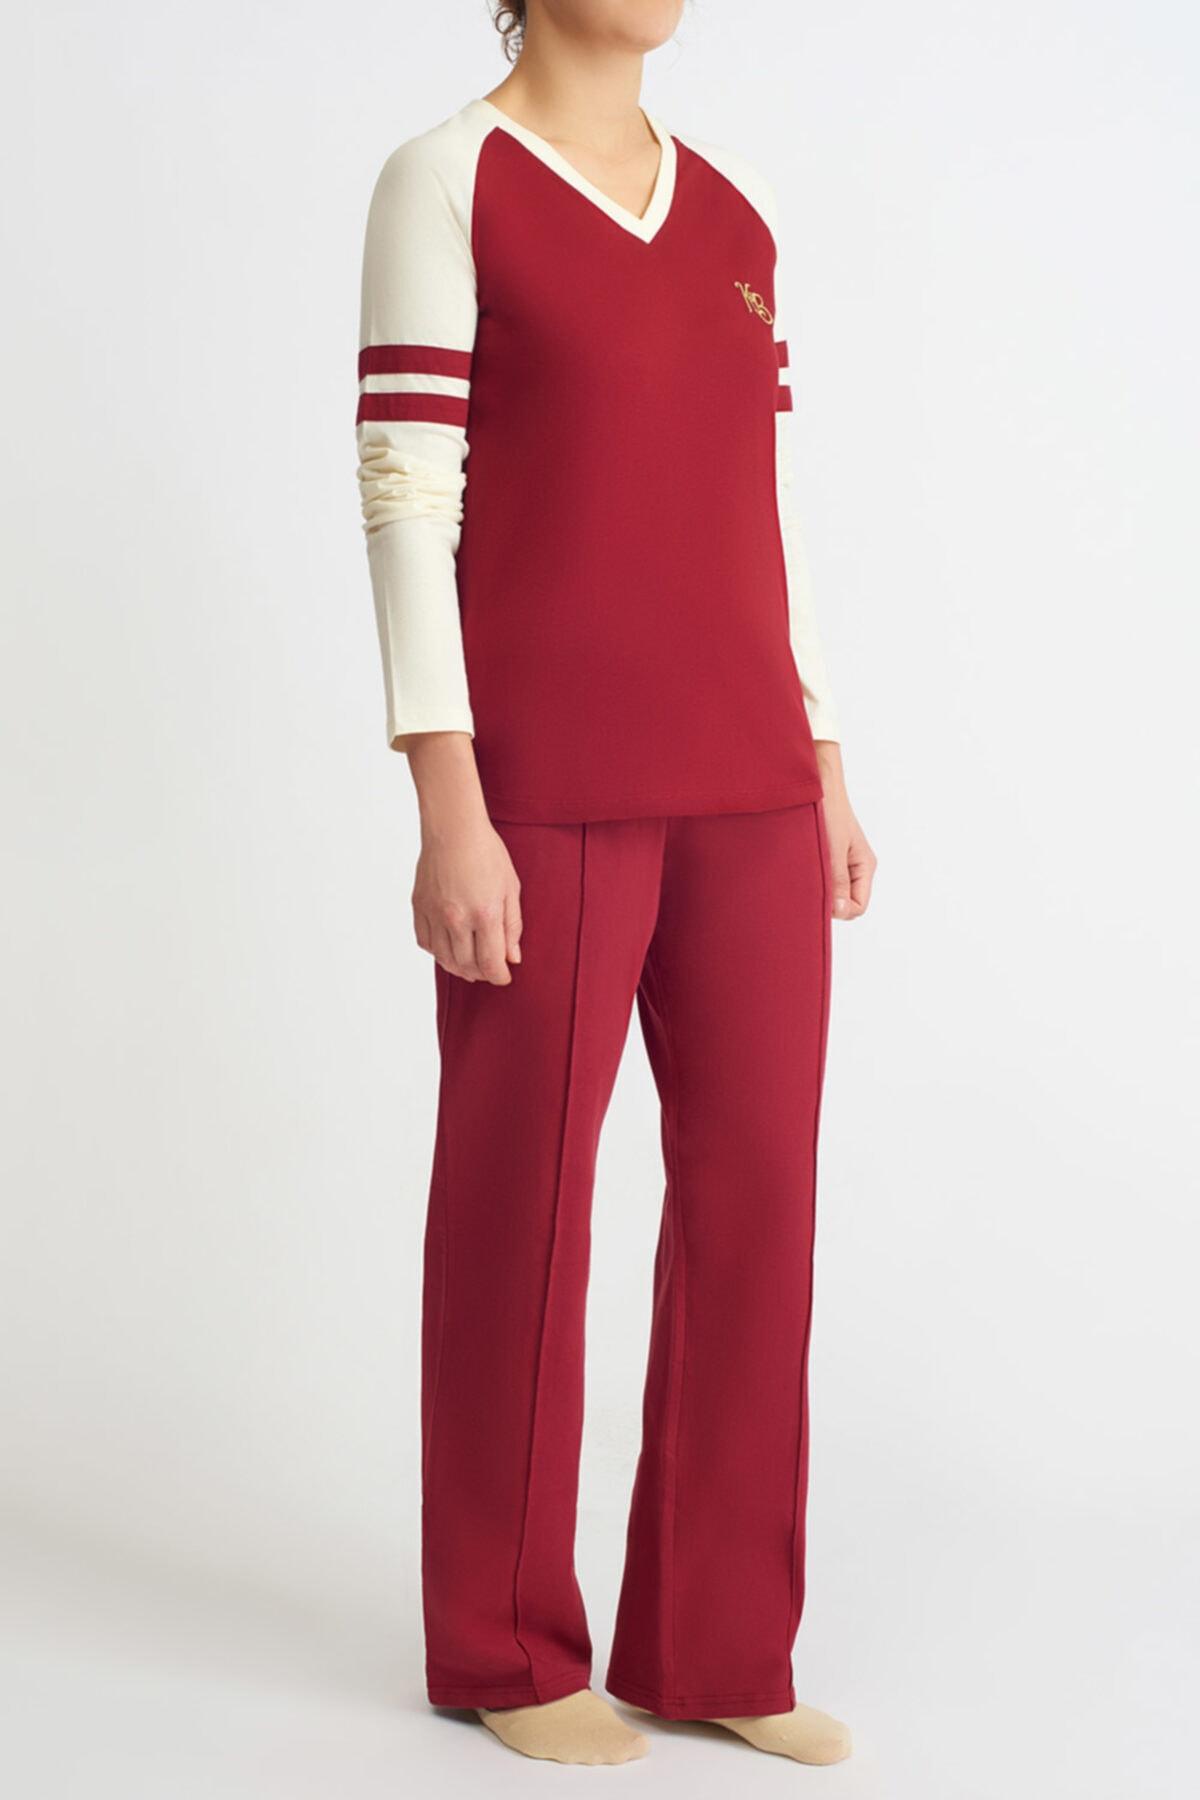 Katia&Bony College Kadın V Yaka Uzun Kollu Tişört - Bordo 1